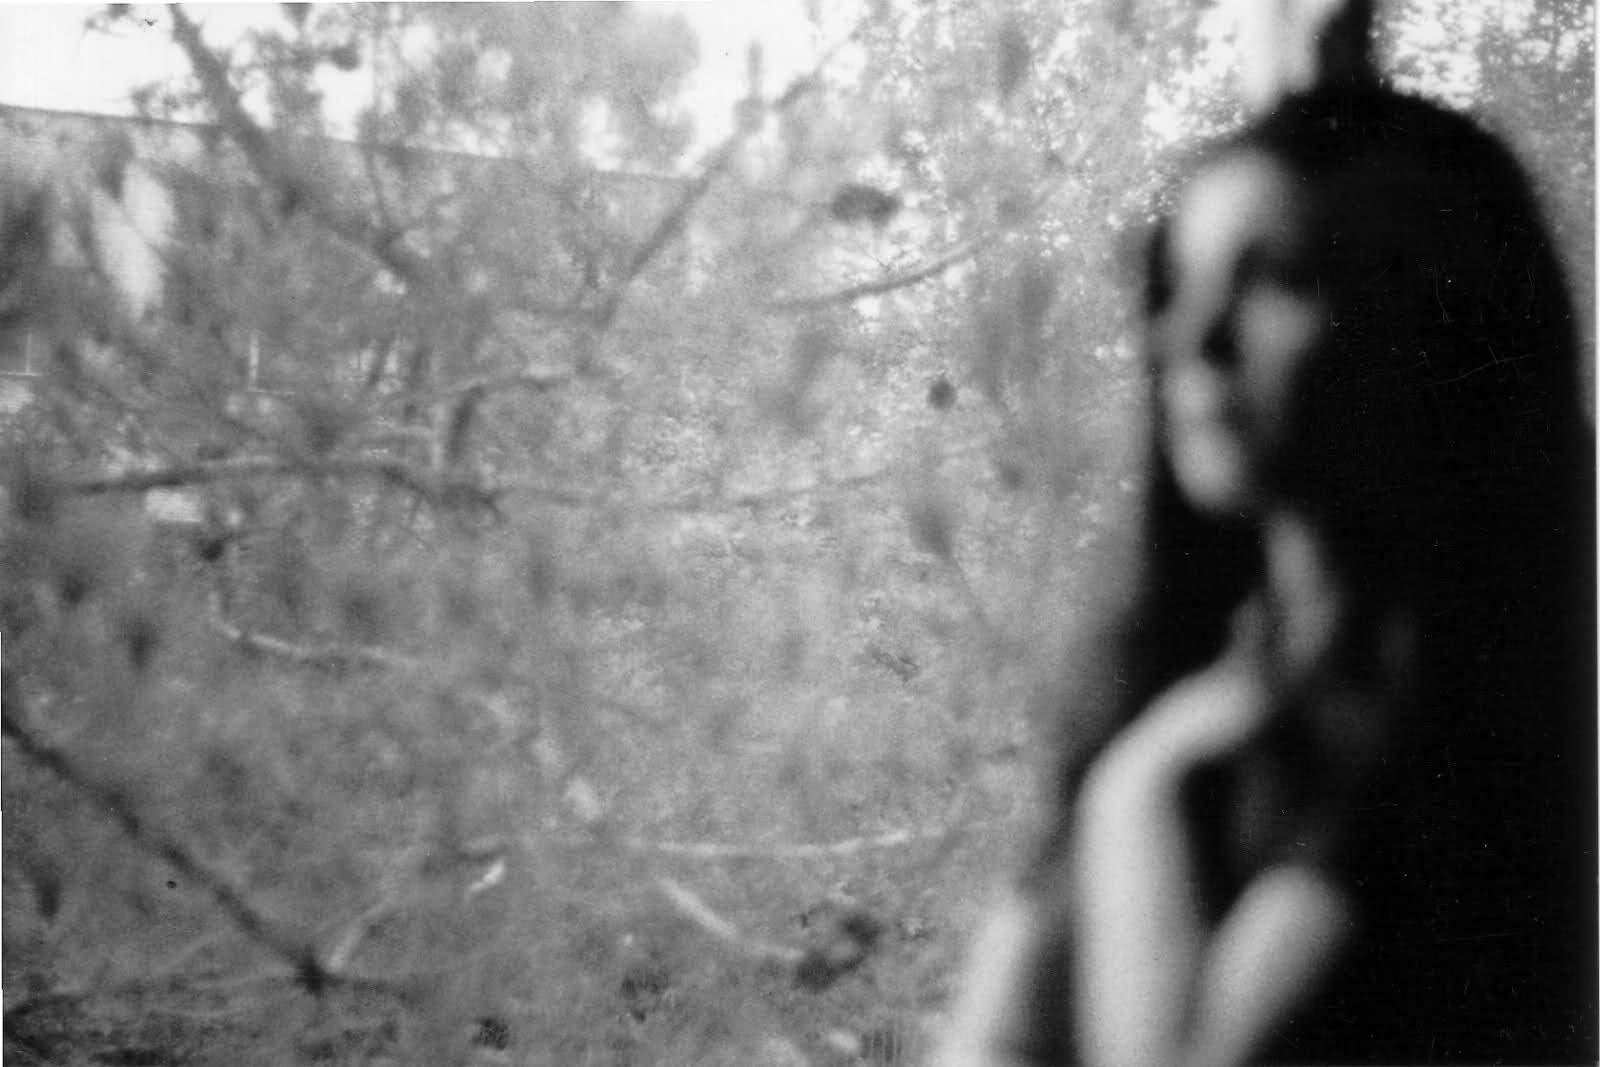 ساختار پیچیده، روایتهای سورئال: نگاهی به رمان رتیل نوشتهی سحر پریازانی